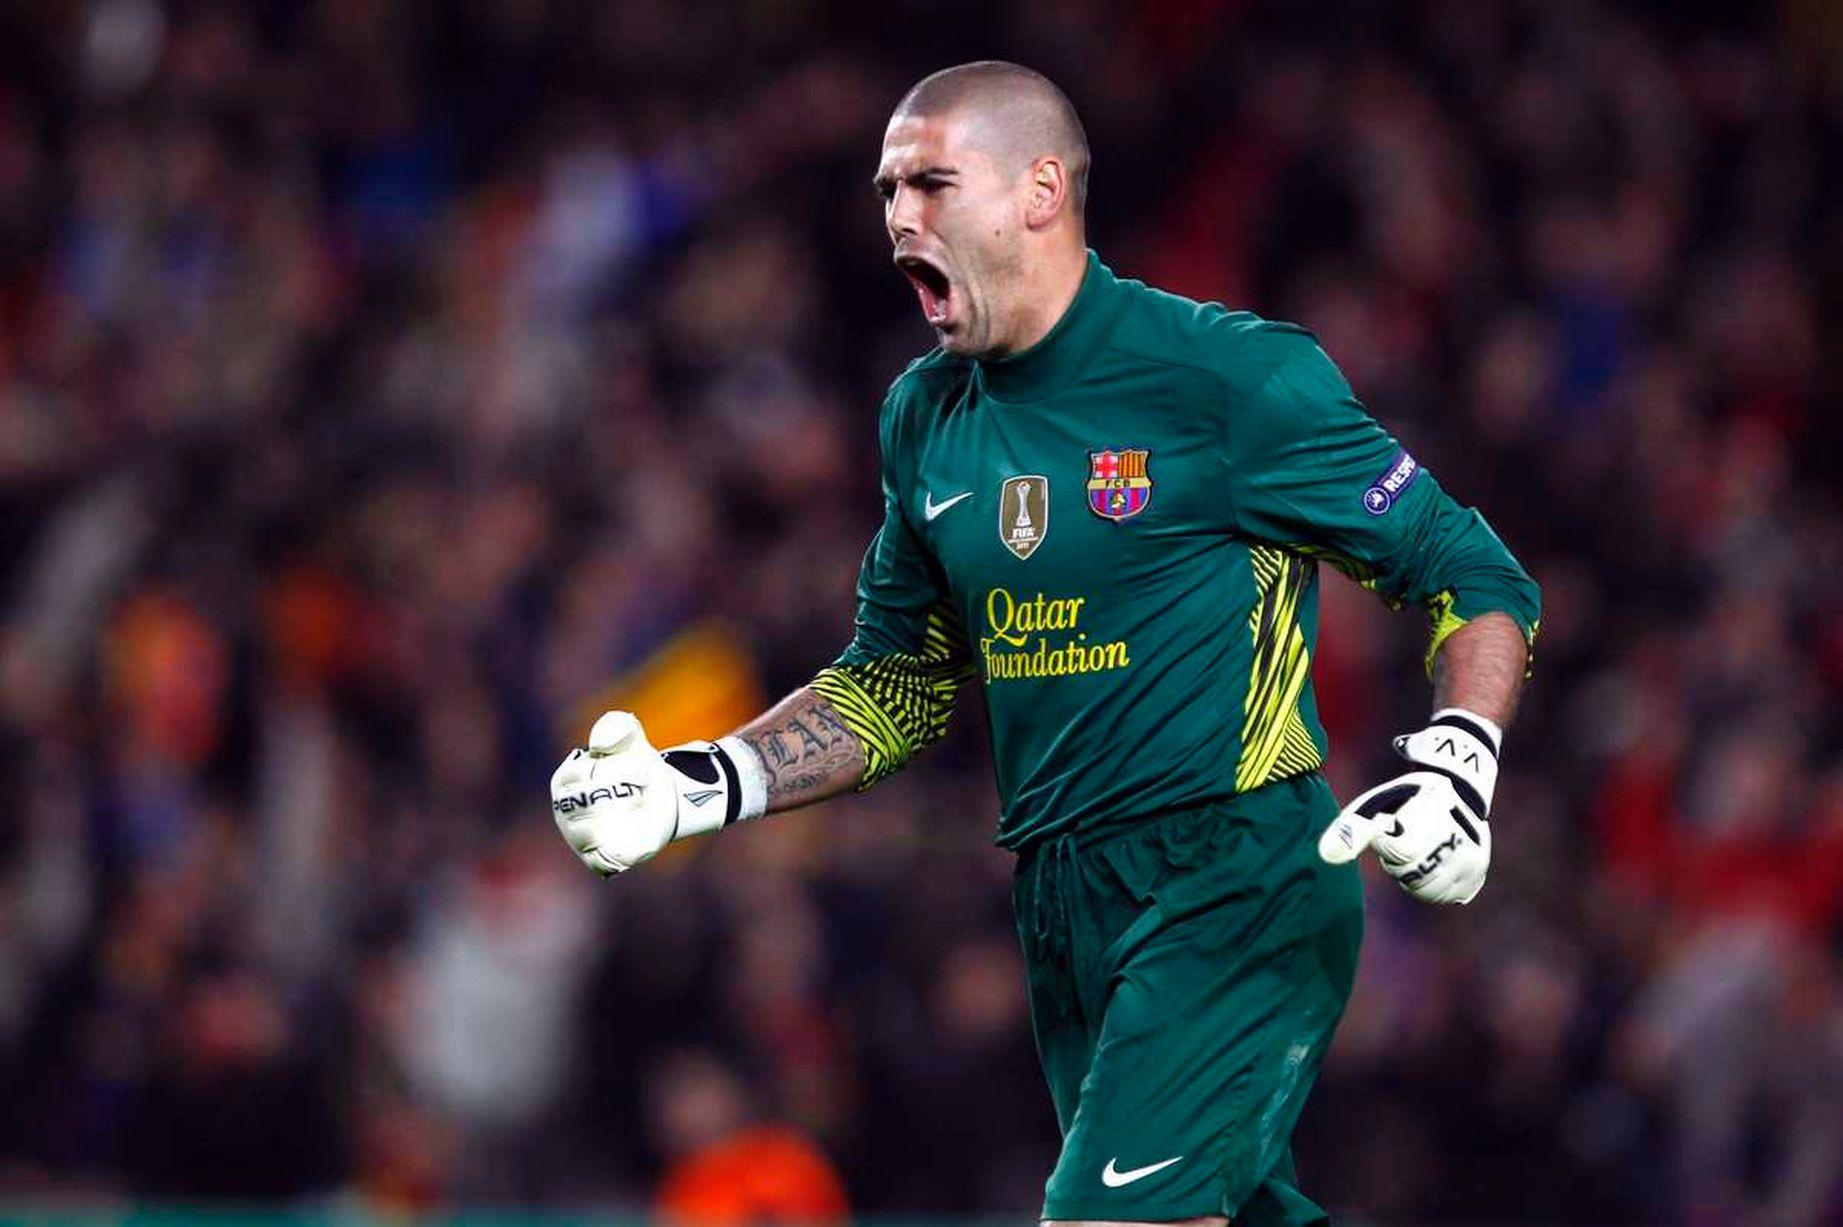 Valdes chọn rời khỏi Barca để khẳng định bản thân. Ảnh: ACTON IMAGES